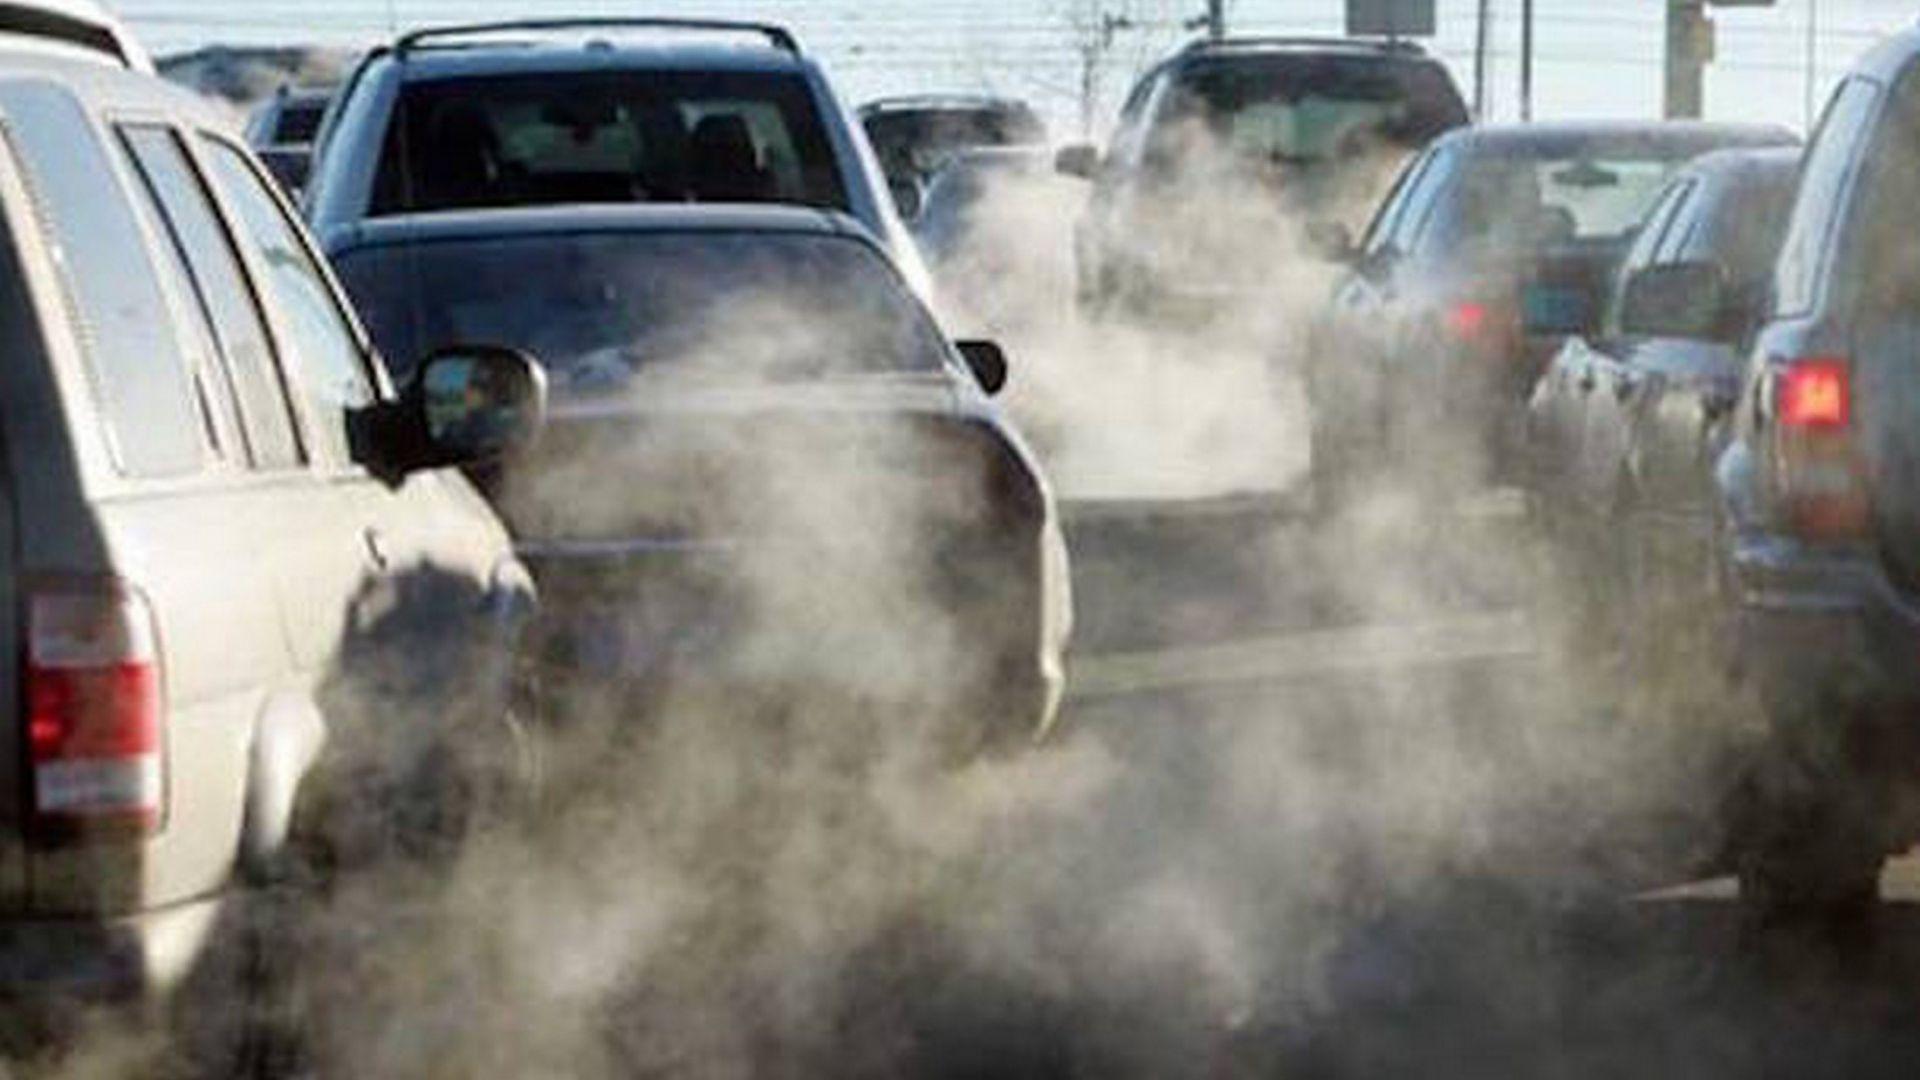 Inghilterra al bando nuove auto diesel e benzina dal 2040 for Nuove case coloniali in inghilterra